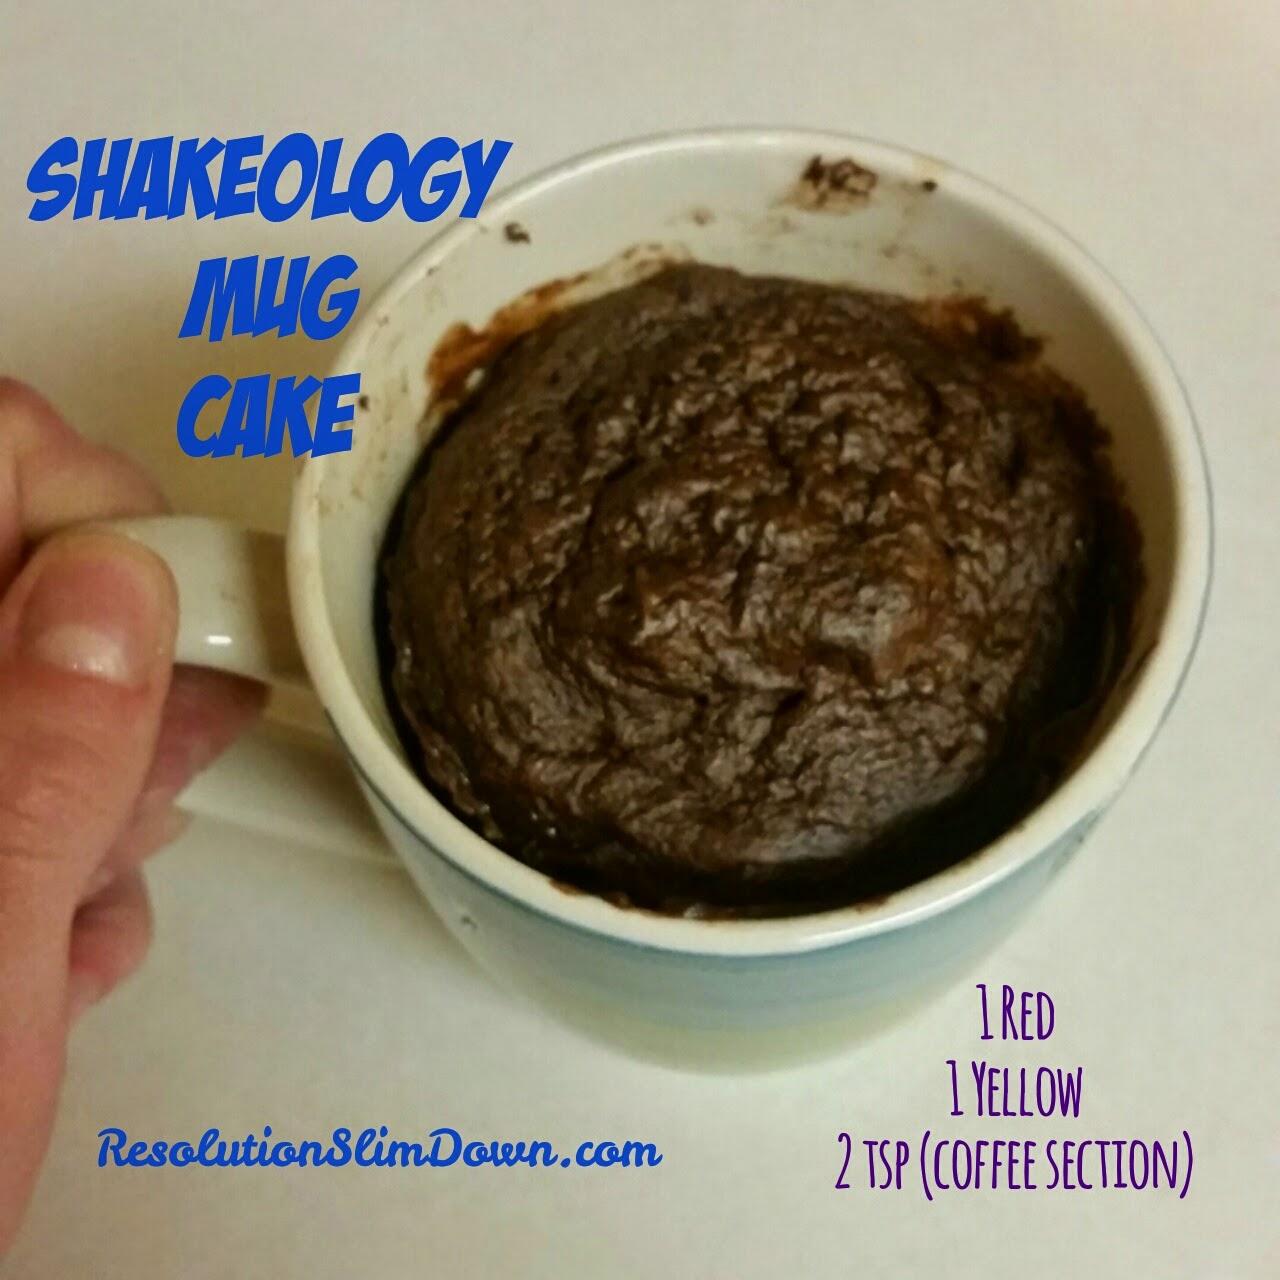 Yellow Mug Cake No Baking Powder